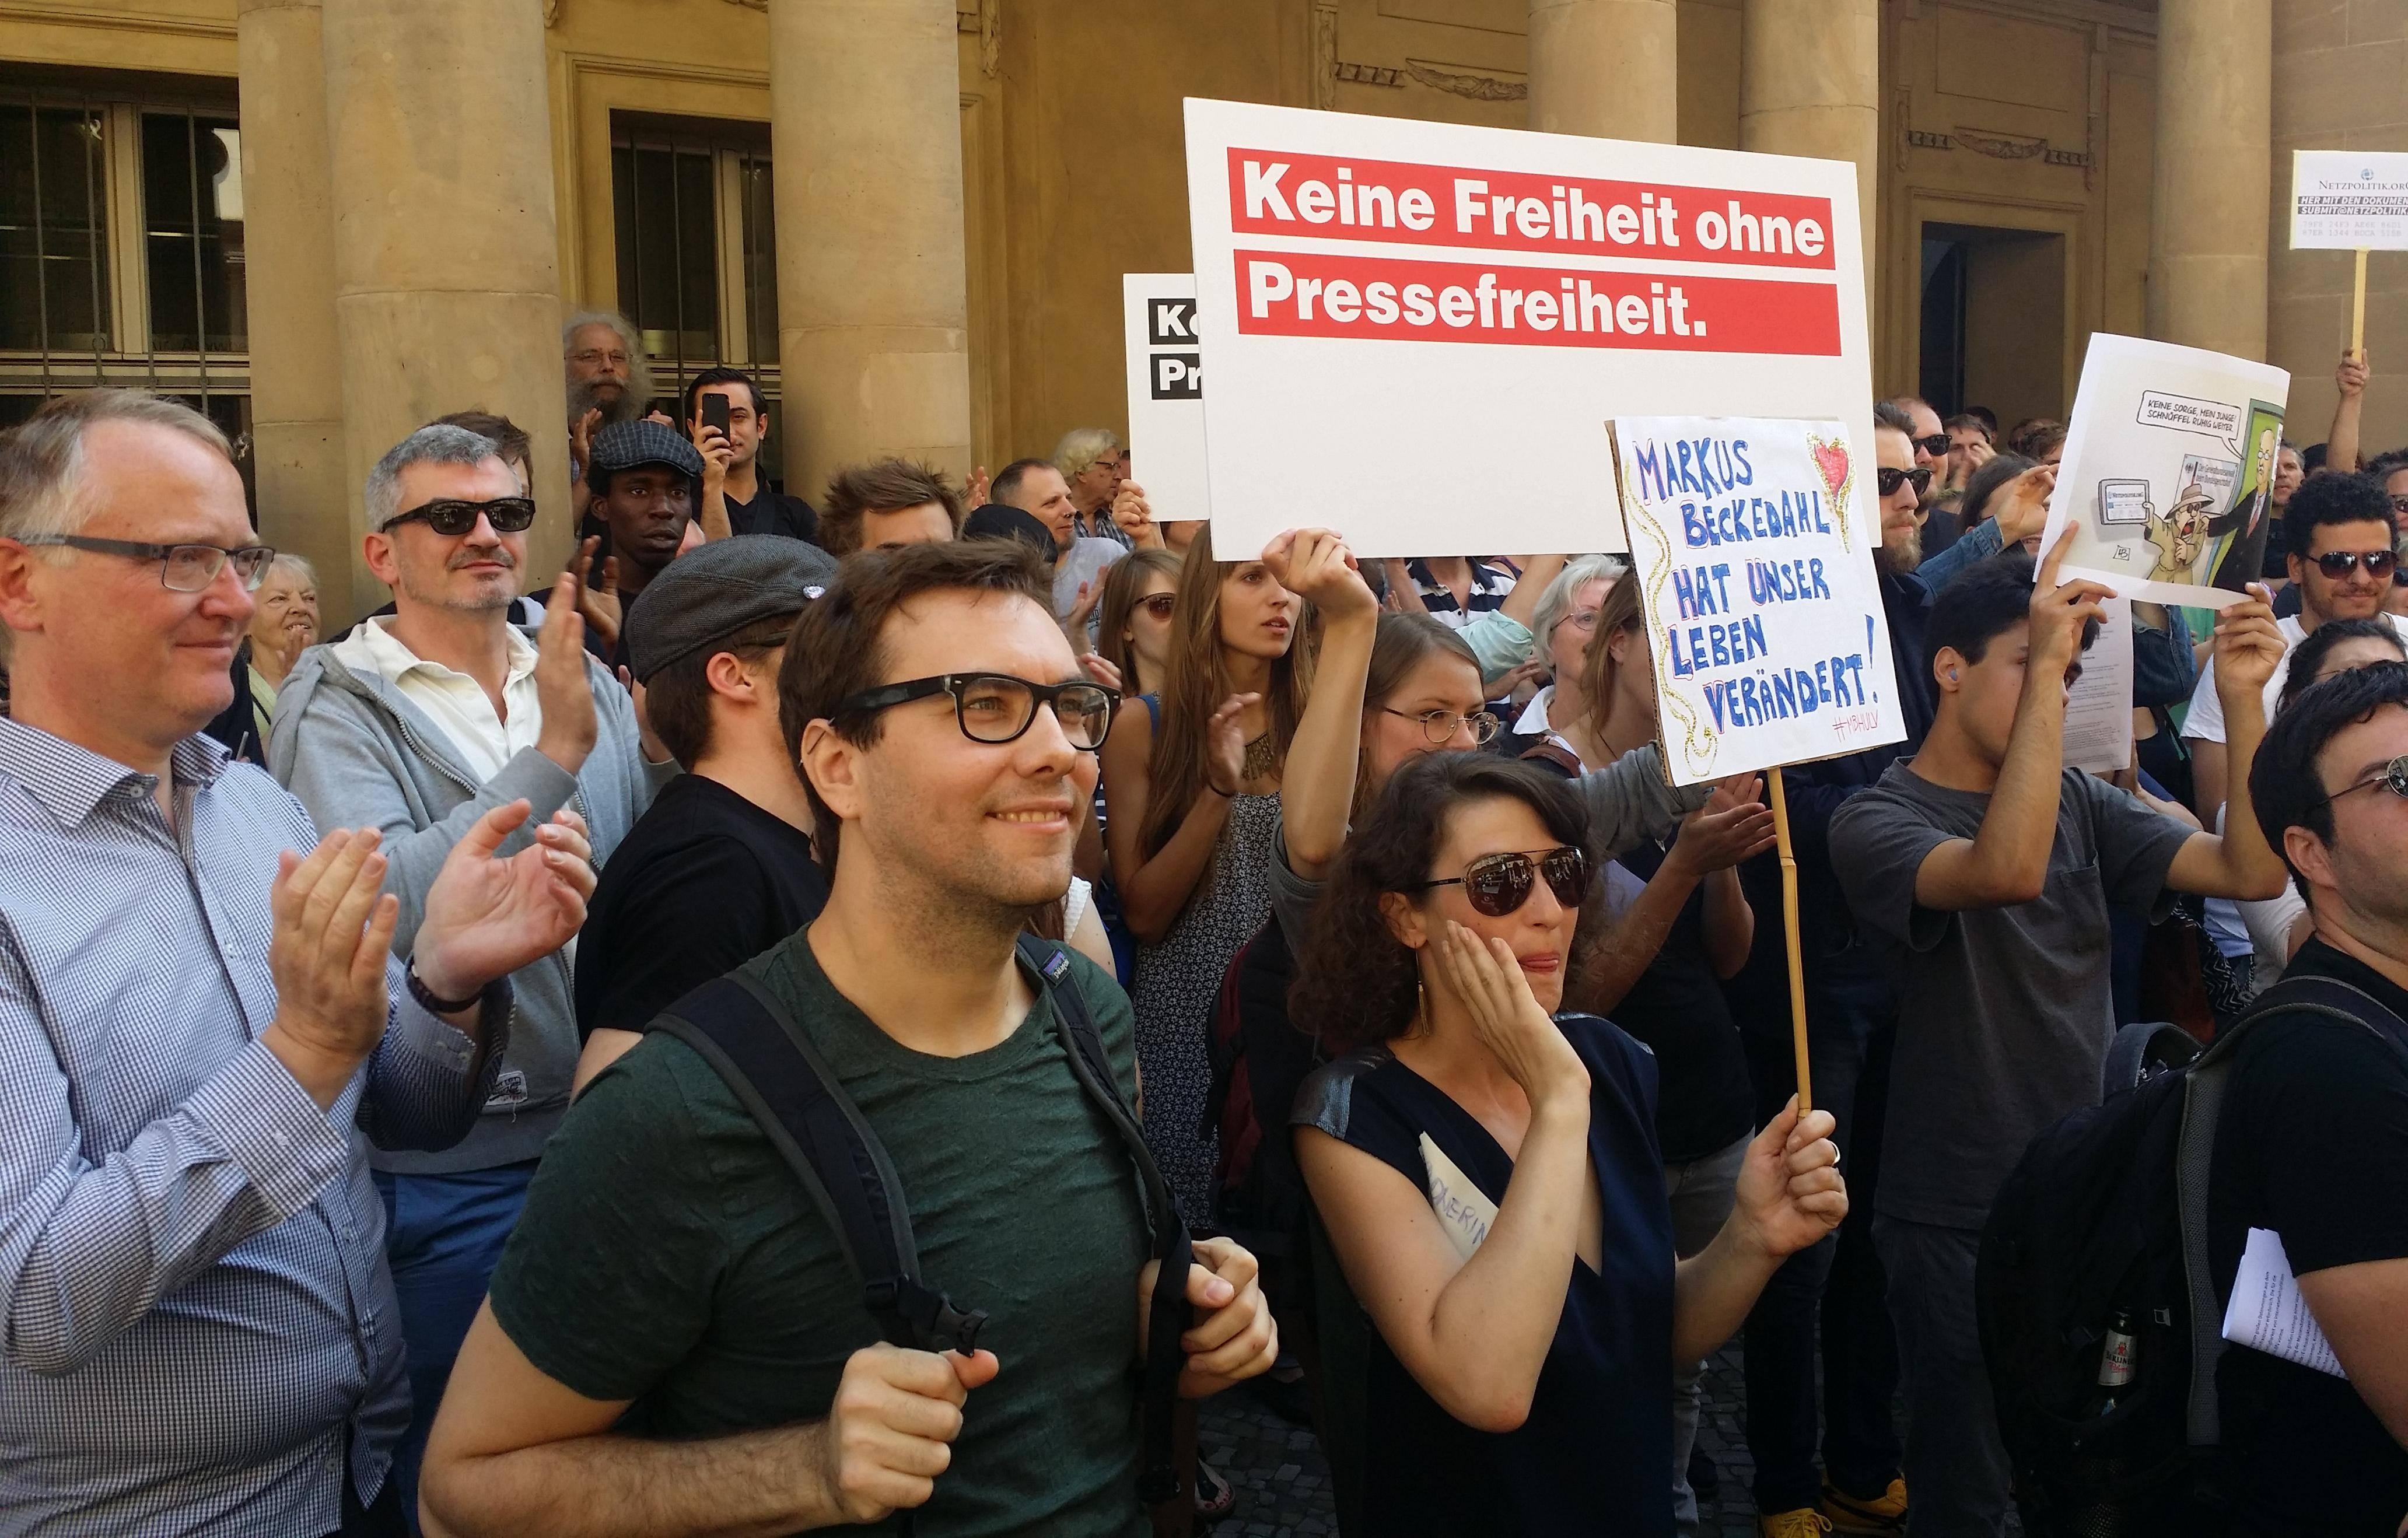 Demo für Grundrechte und Pressefreiheit 03